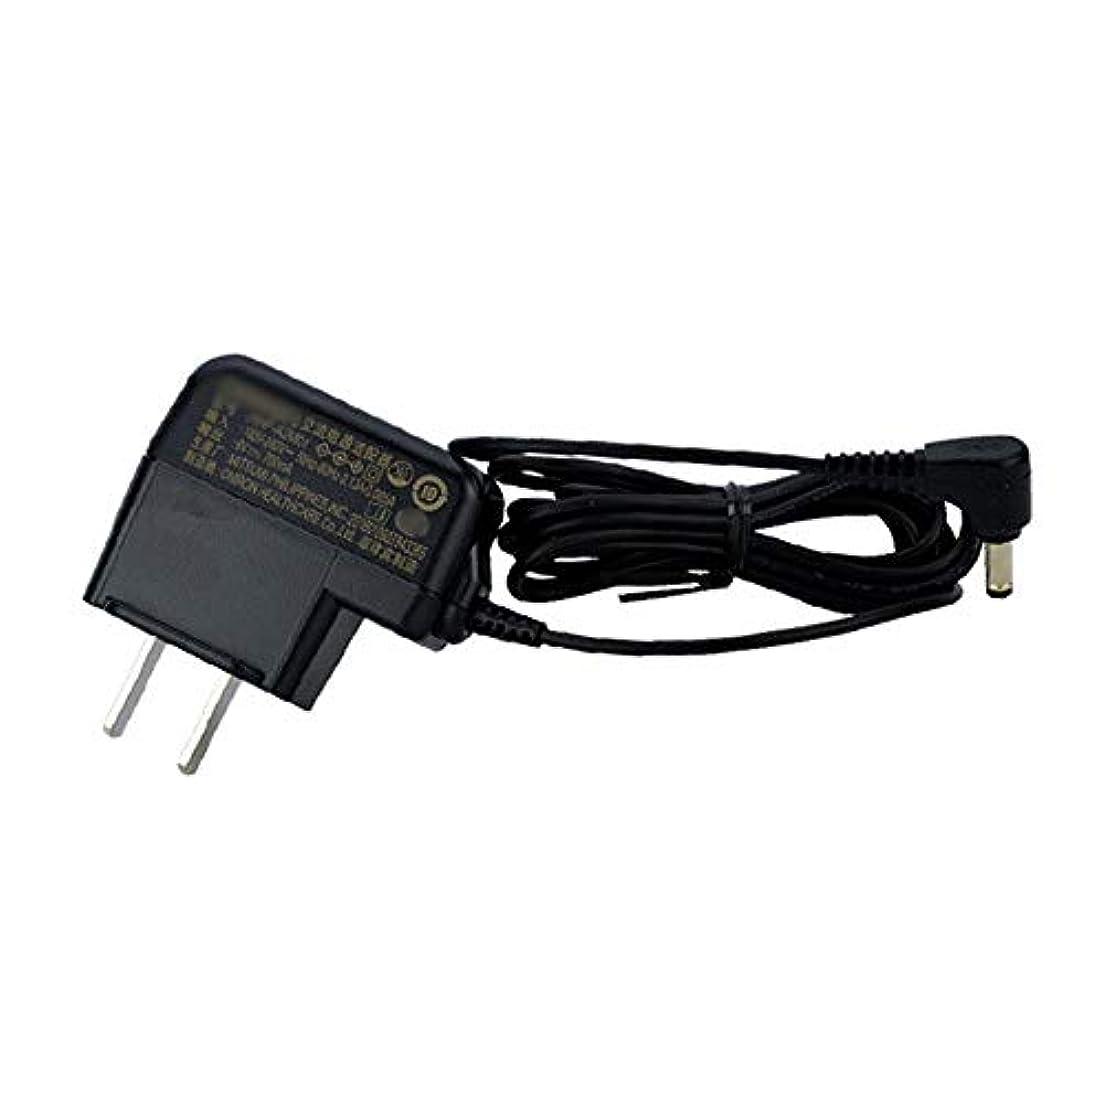 銀行タップ拡大するAC Adapter for オムロン HEM-7051 HEM7052 HEM-7132 HEM-7124 HEM-7111 HEM-7112 HEM-752 HEM-8102A HEM-942C HEM-7011 HEM-7000 などに適応 TJK 電源アダプター 6V 0.7A 4W 差込口:4.0㎜